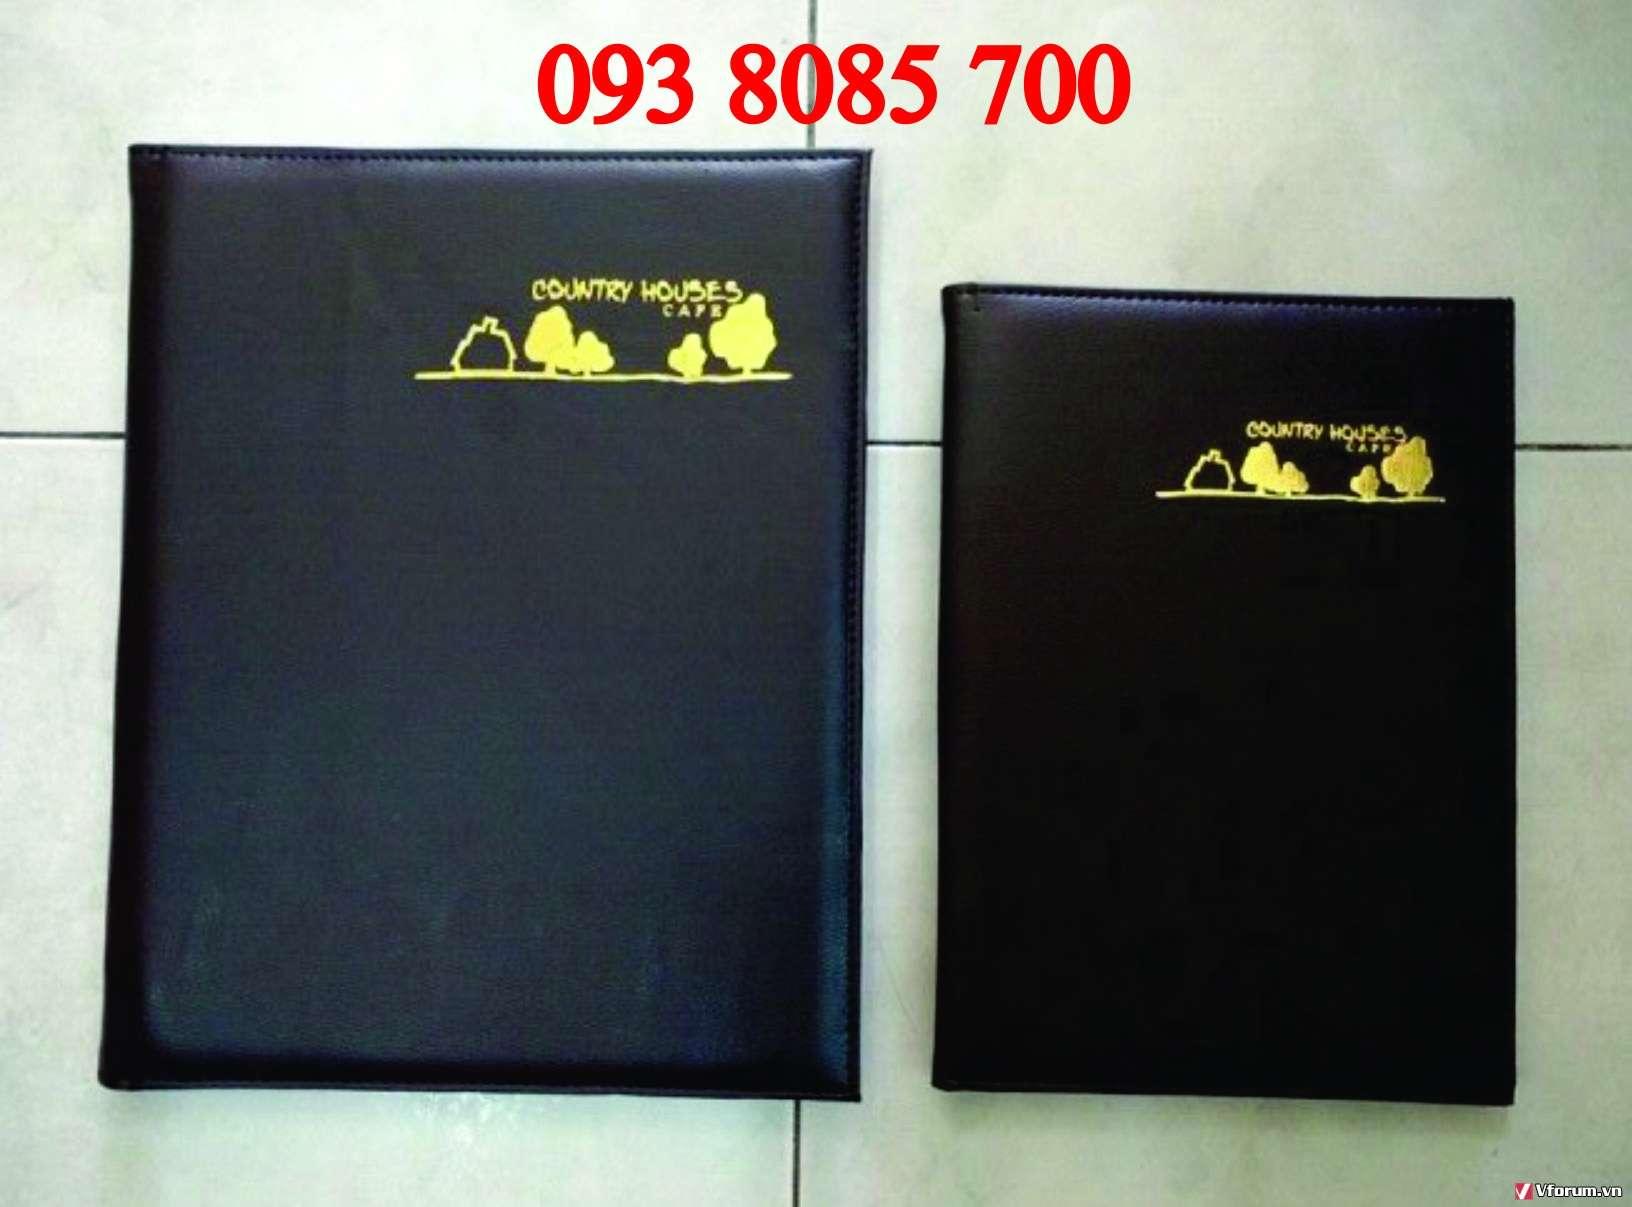 Nhà cung cấp bìa menu, thực đơn quán ăn, làm bìa trình ký, bìa kẹp hồ sơ simili,bằng tốt nghiệp